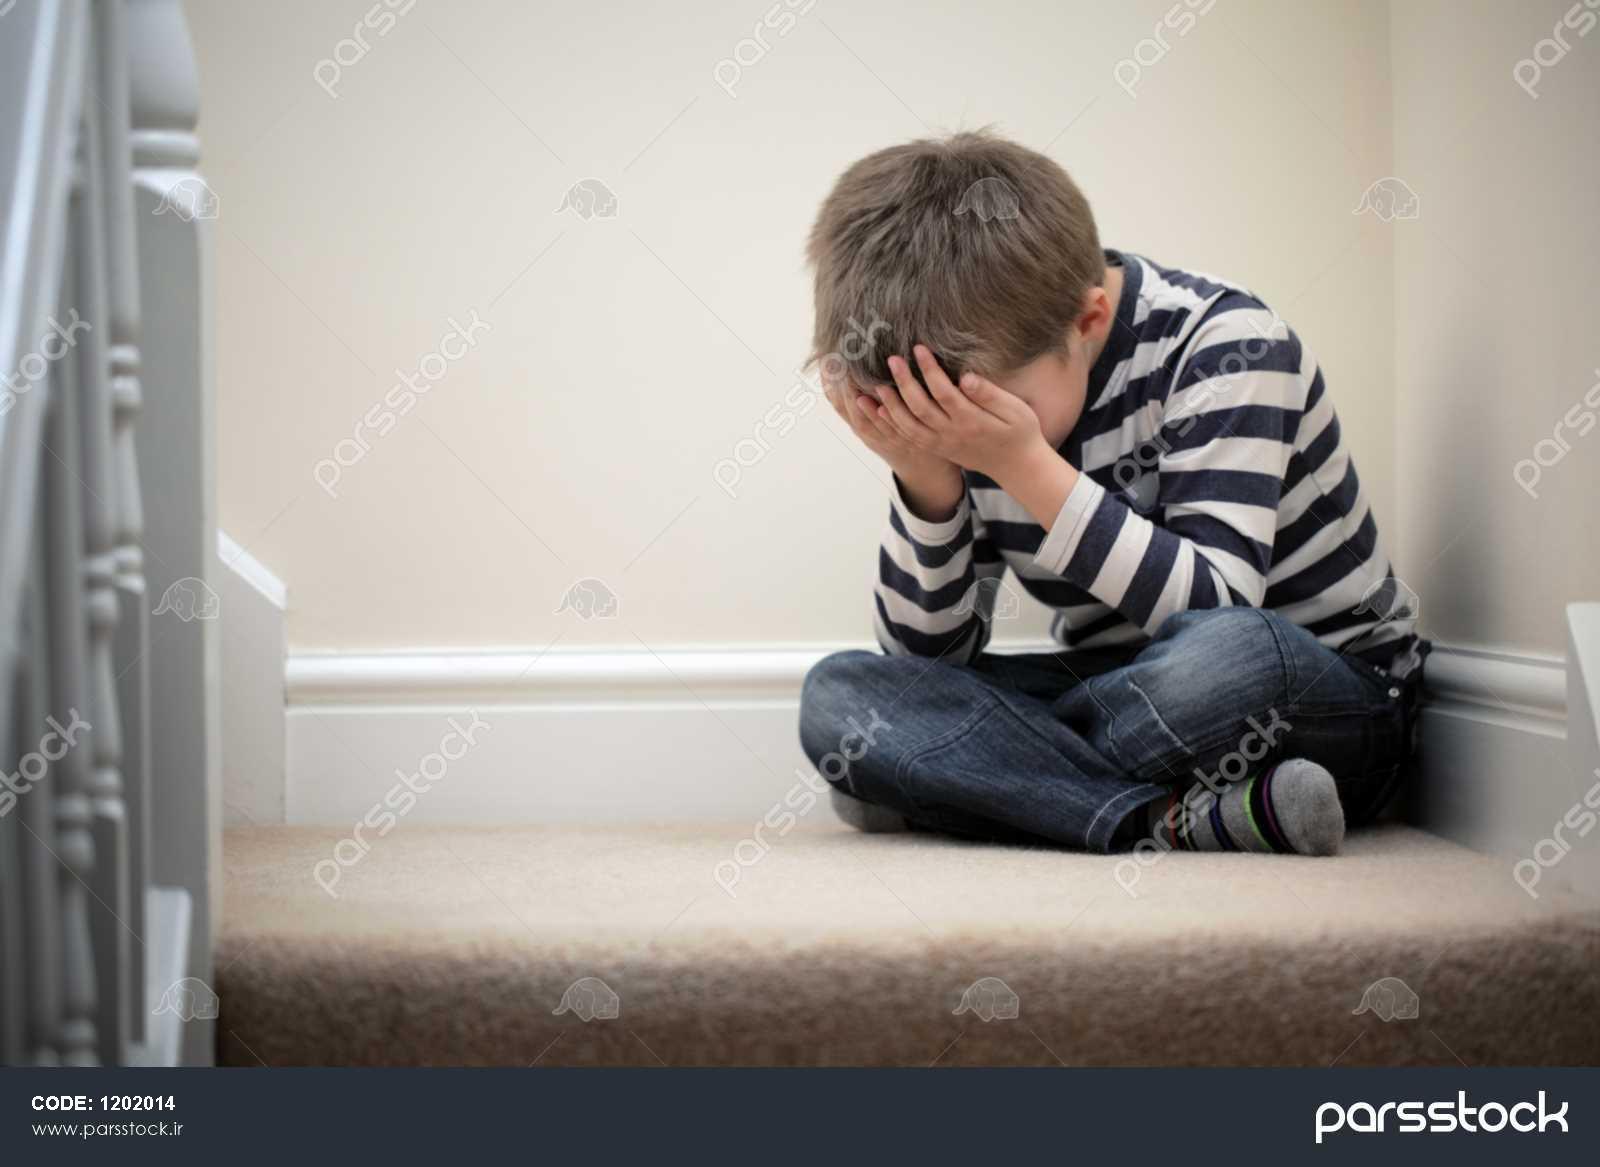 عکس کودک ناراحت